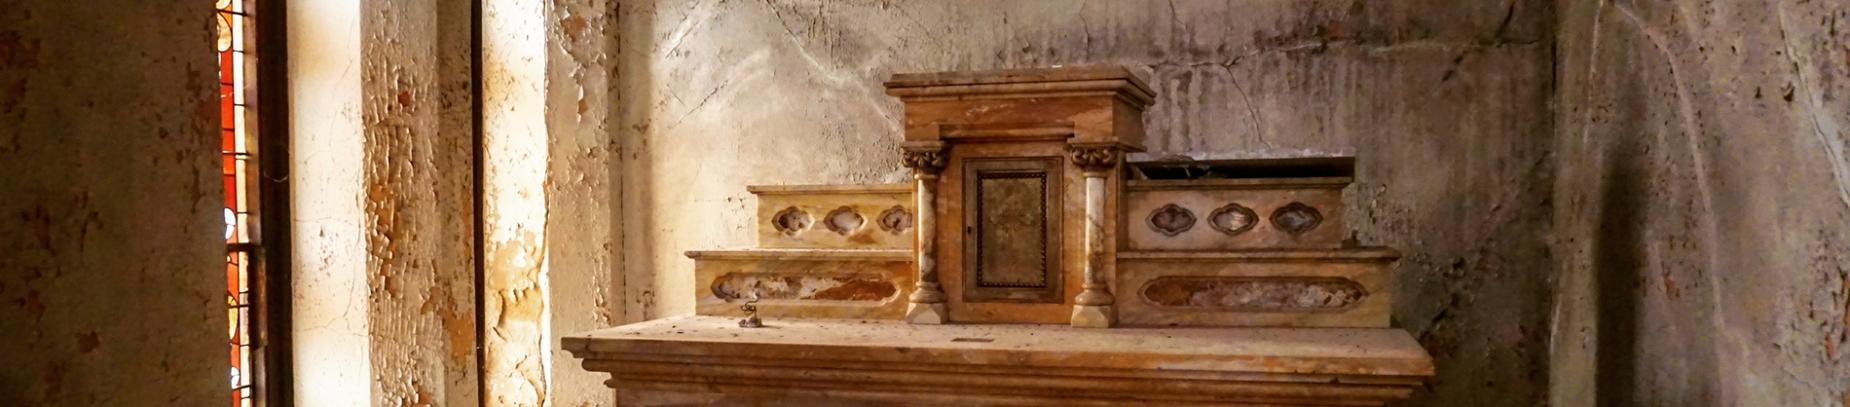 A wooden altar in a run down church room